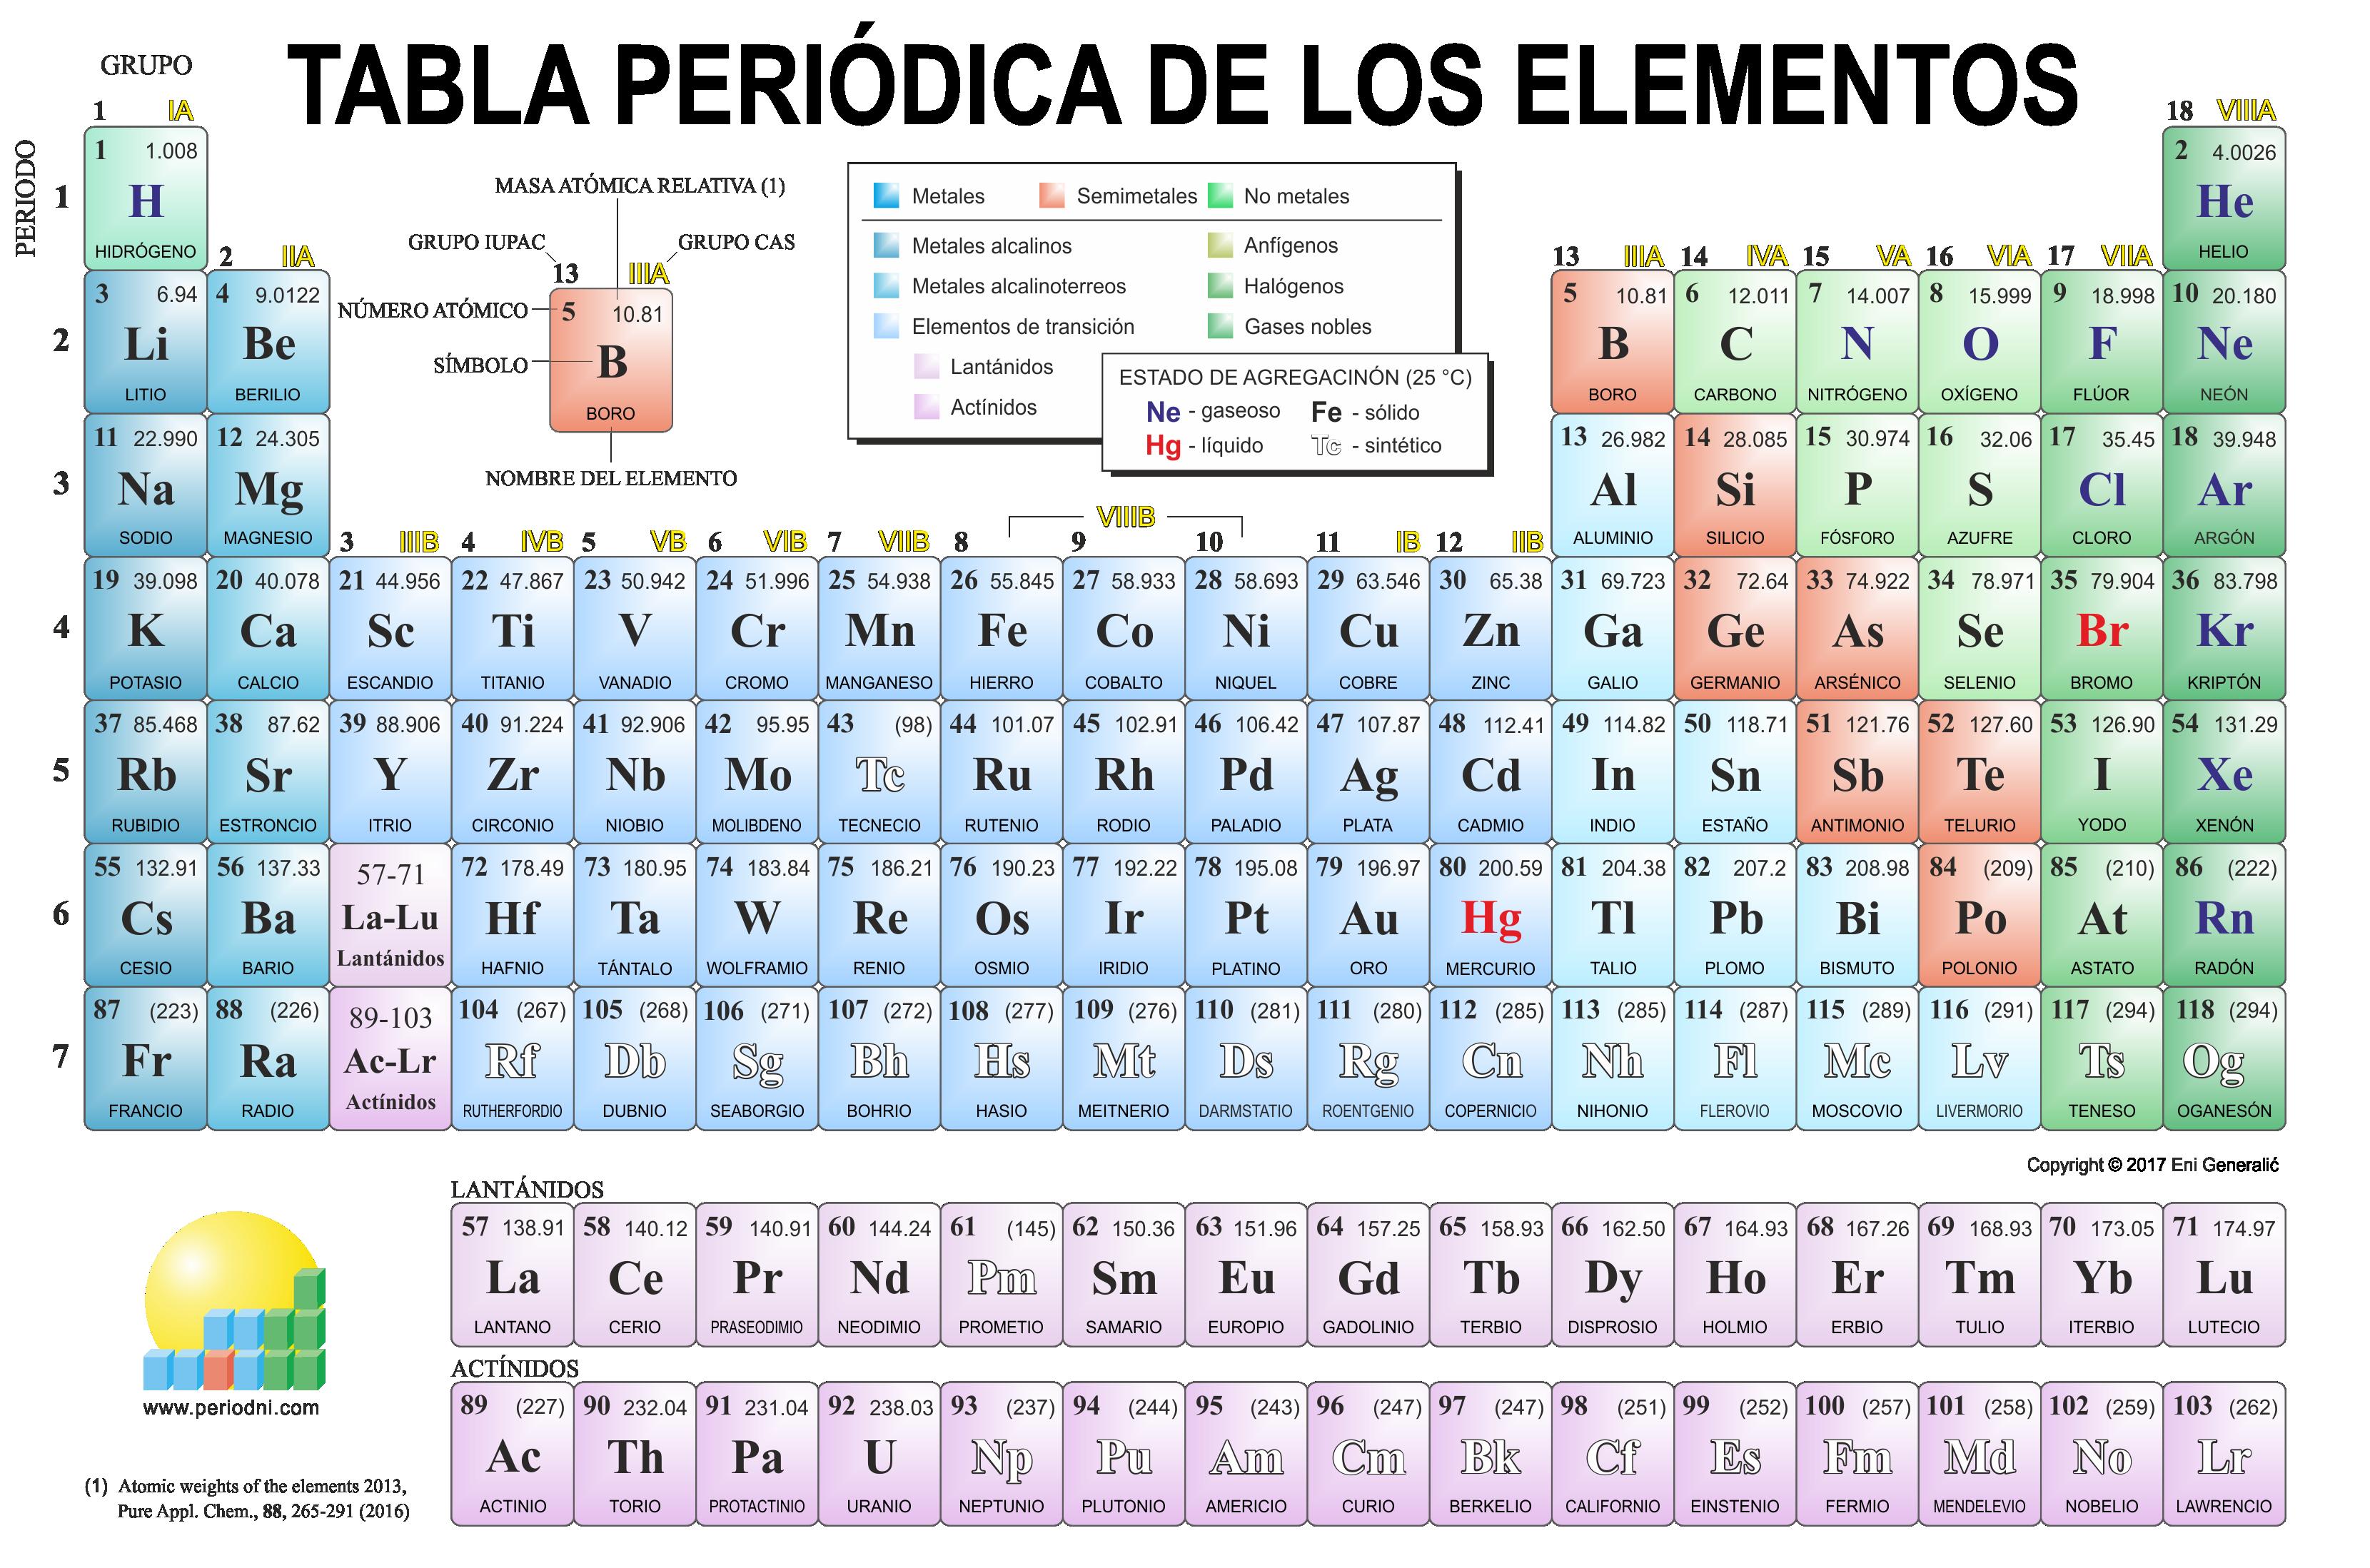 Resultado de imagen para tabla periodica imagenes pinterest resultado de imagen para tabla periodica urtaz Image collections